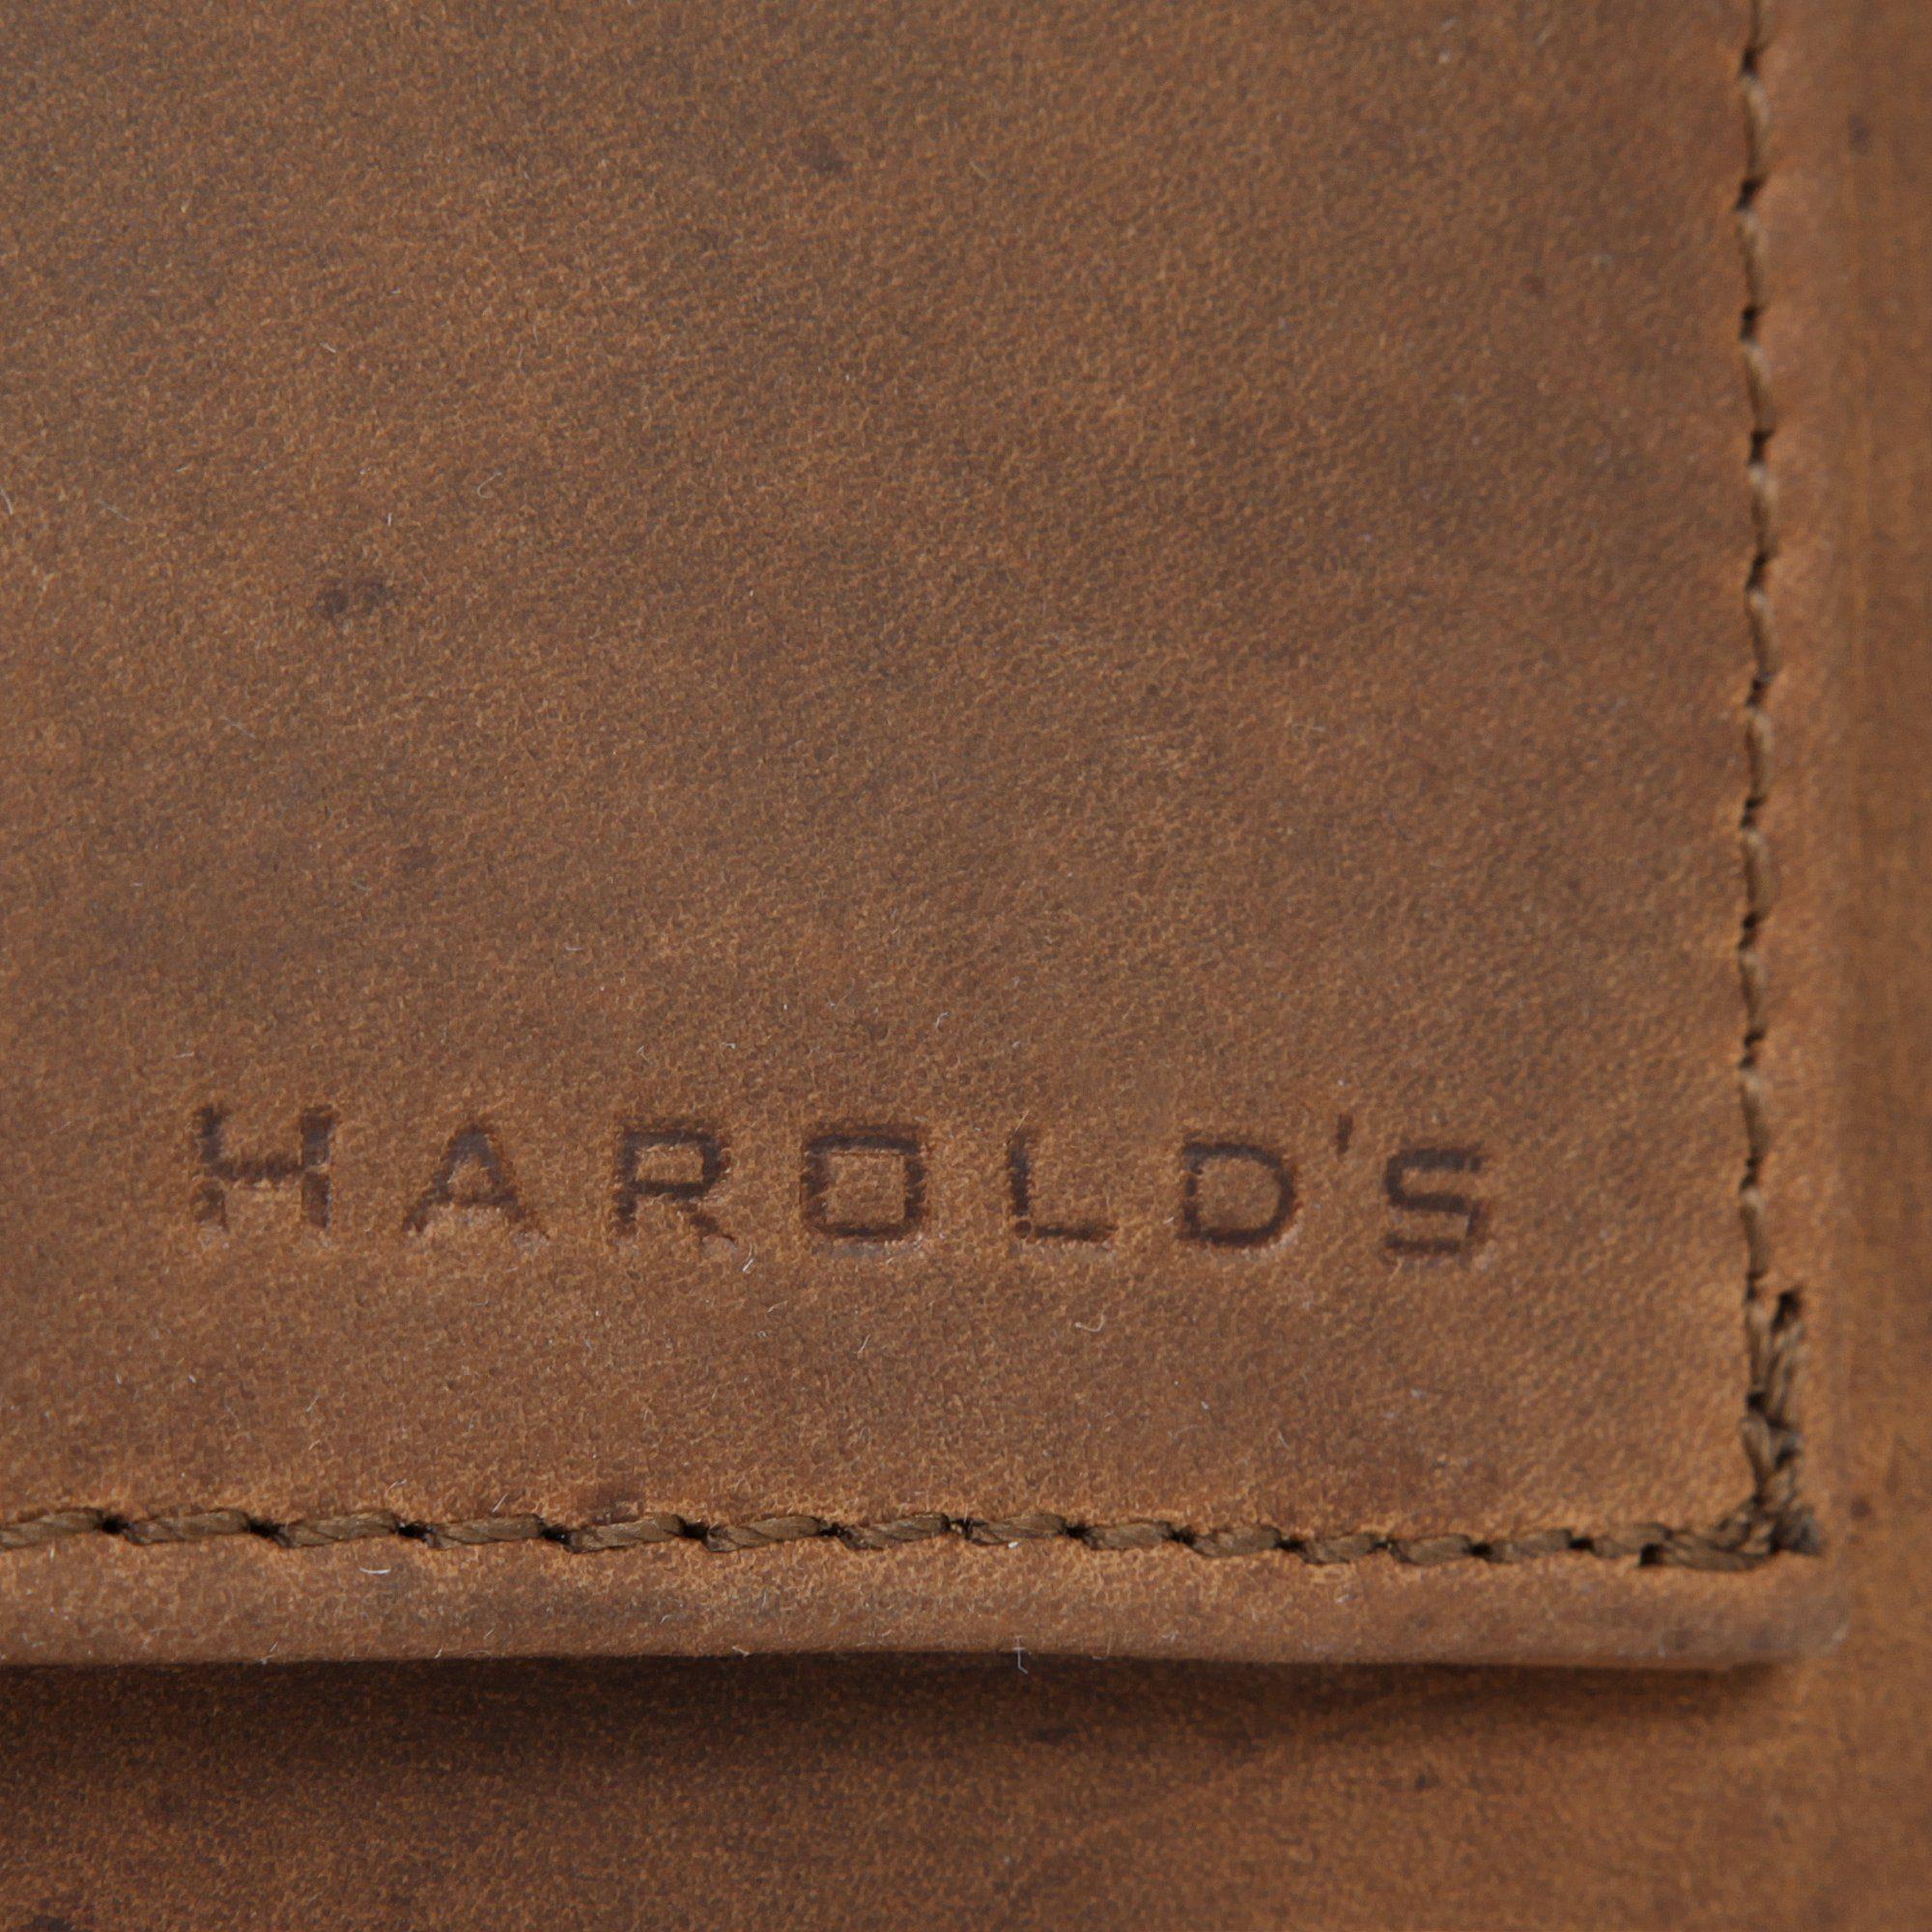 Harold's Handgelenktasche Harold's Handgelenktasche »antik« Harold's »antik« rp6qZr